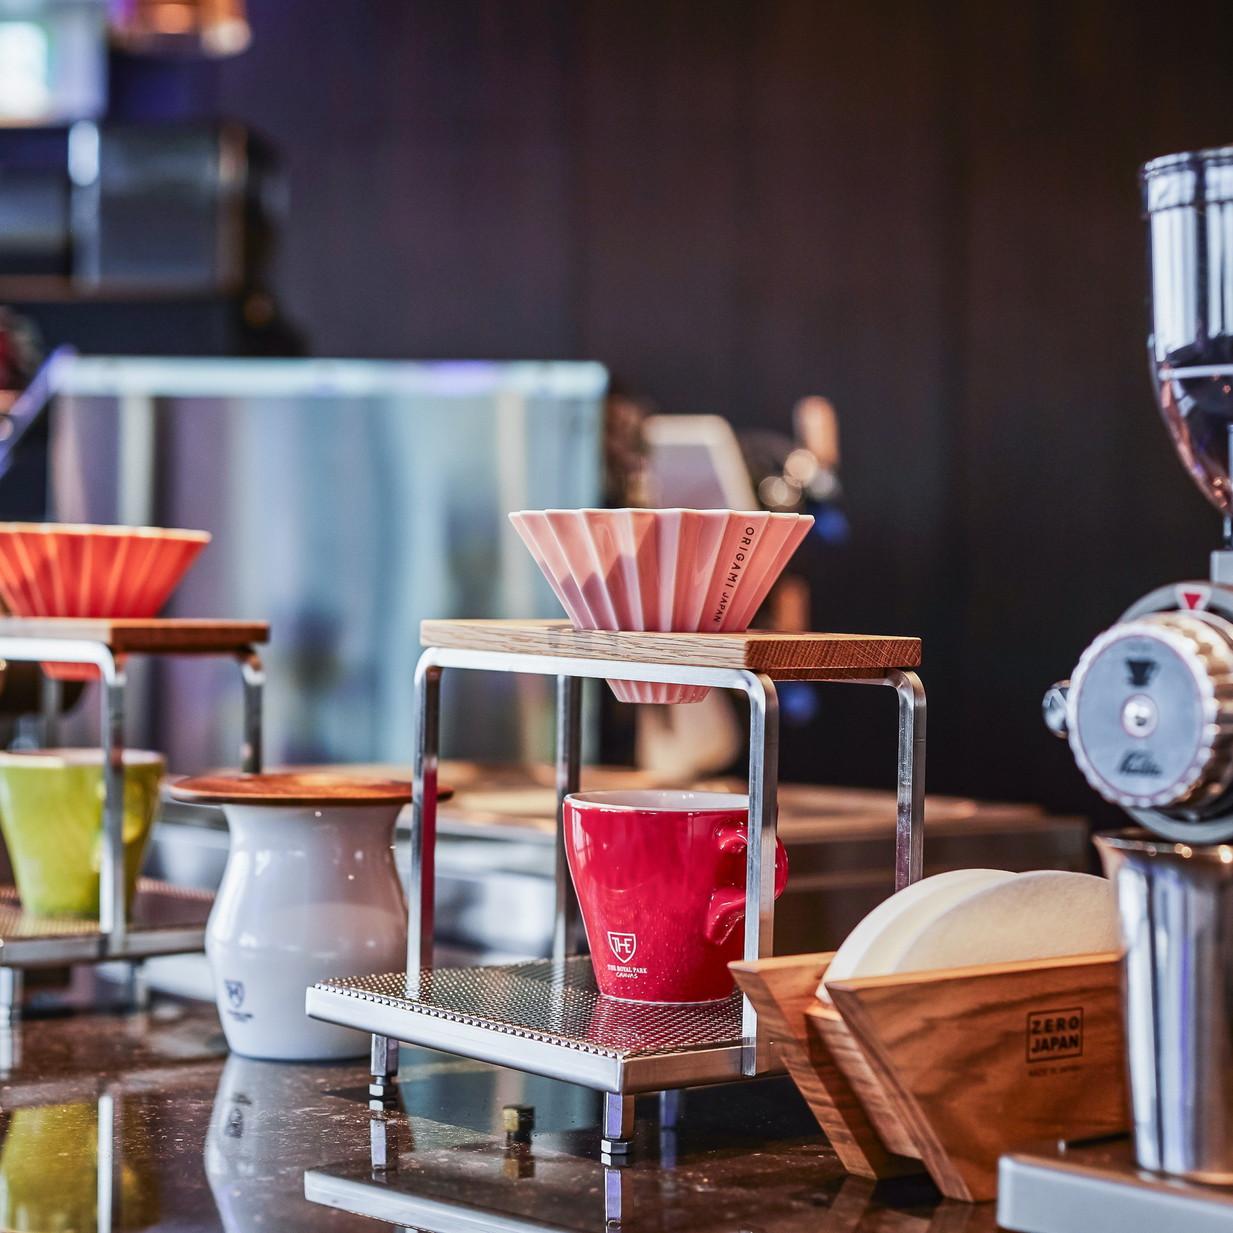 コーヒー・エクスペリエンス:コーヒー通にも人気のORIGAMIドリッパー